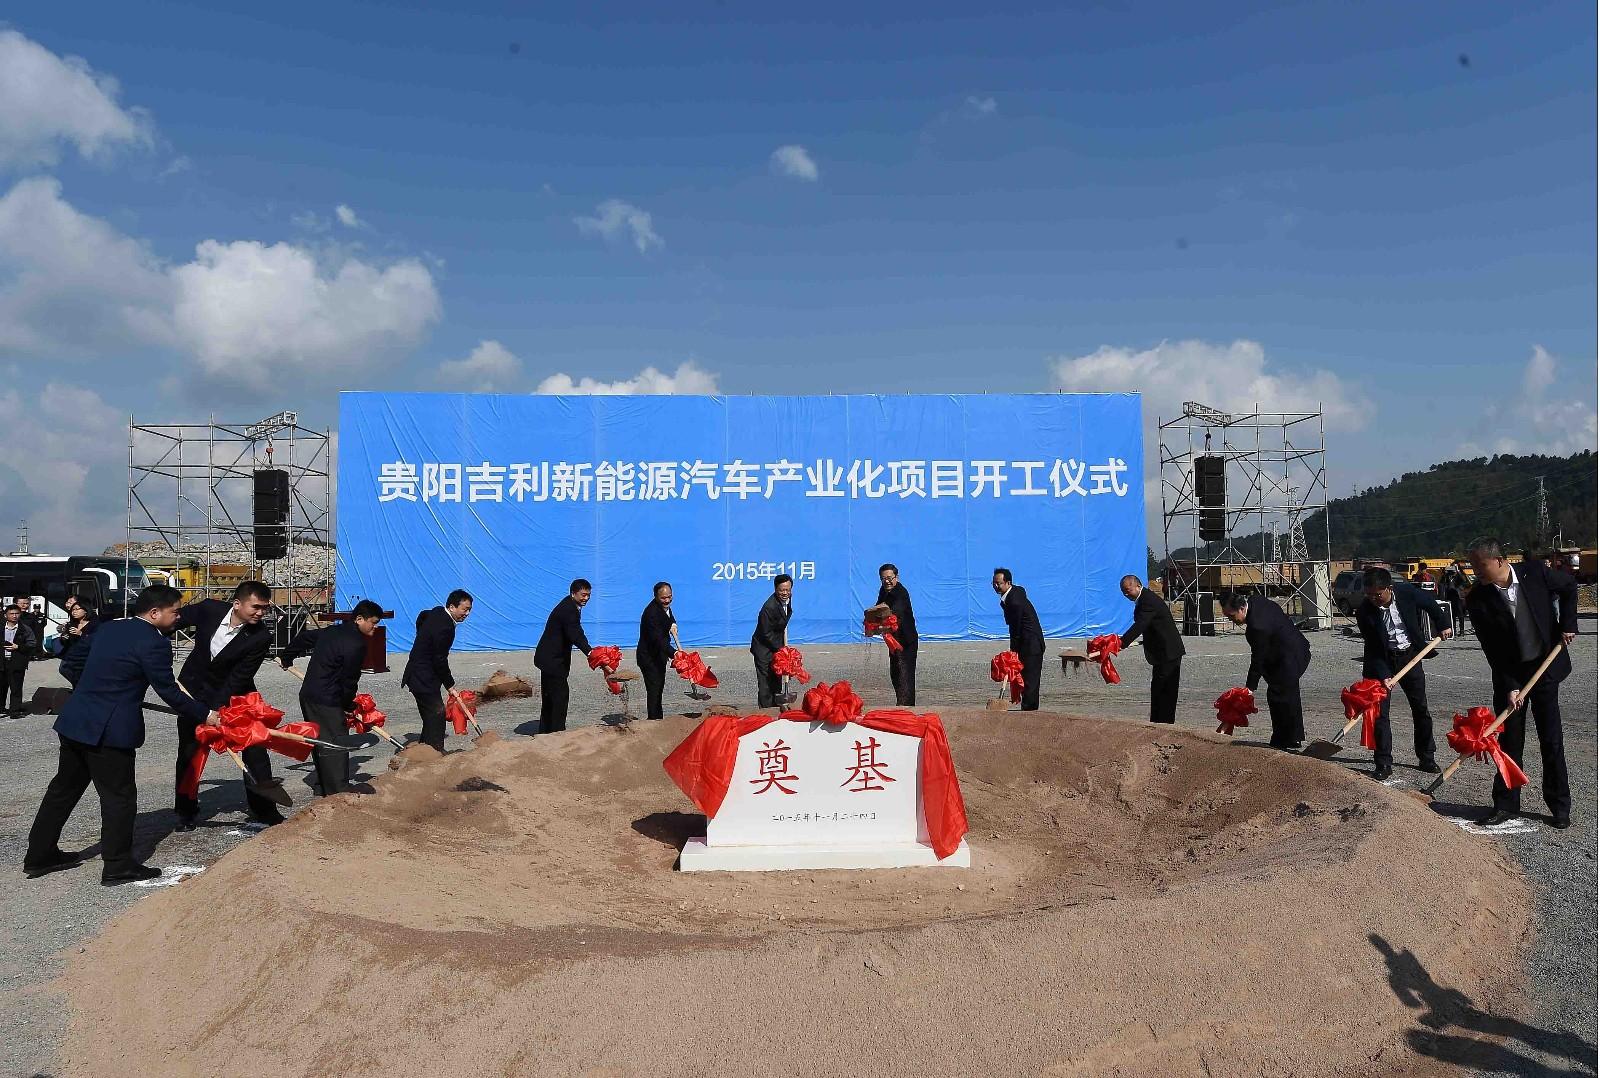 贵阳吉利新能源汽车产业化项目开工仪式